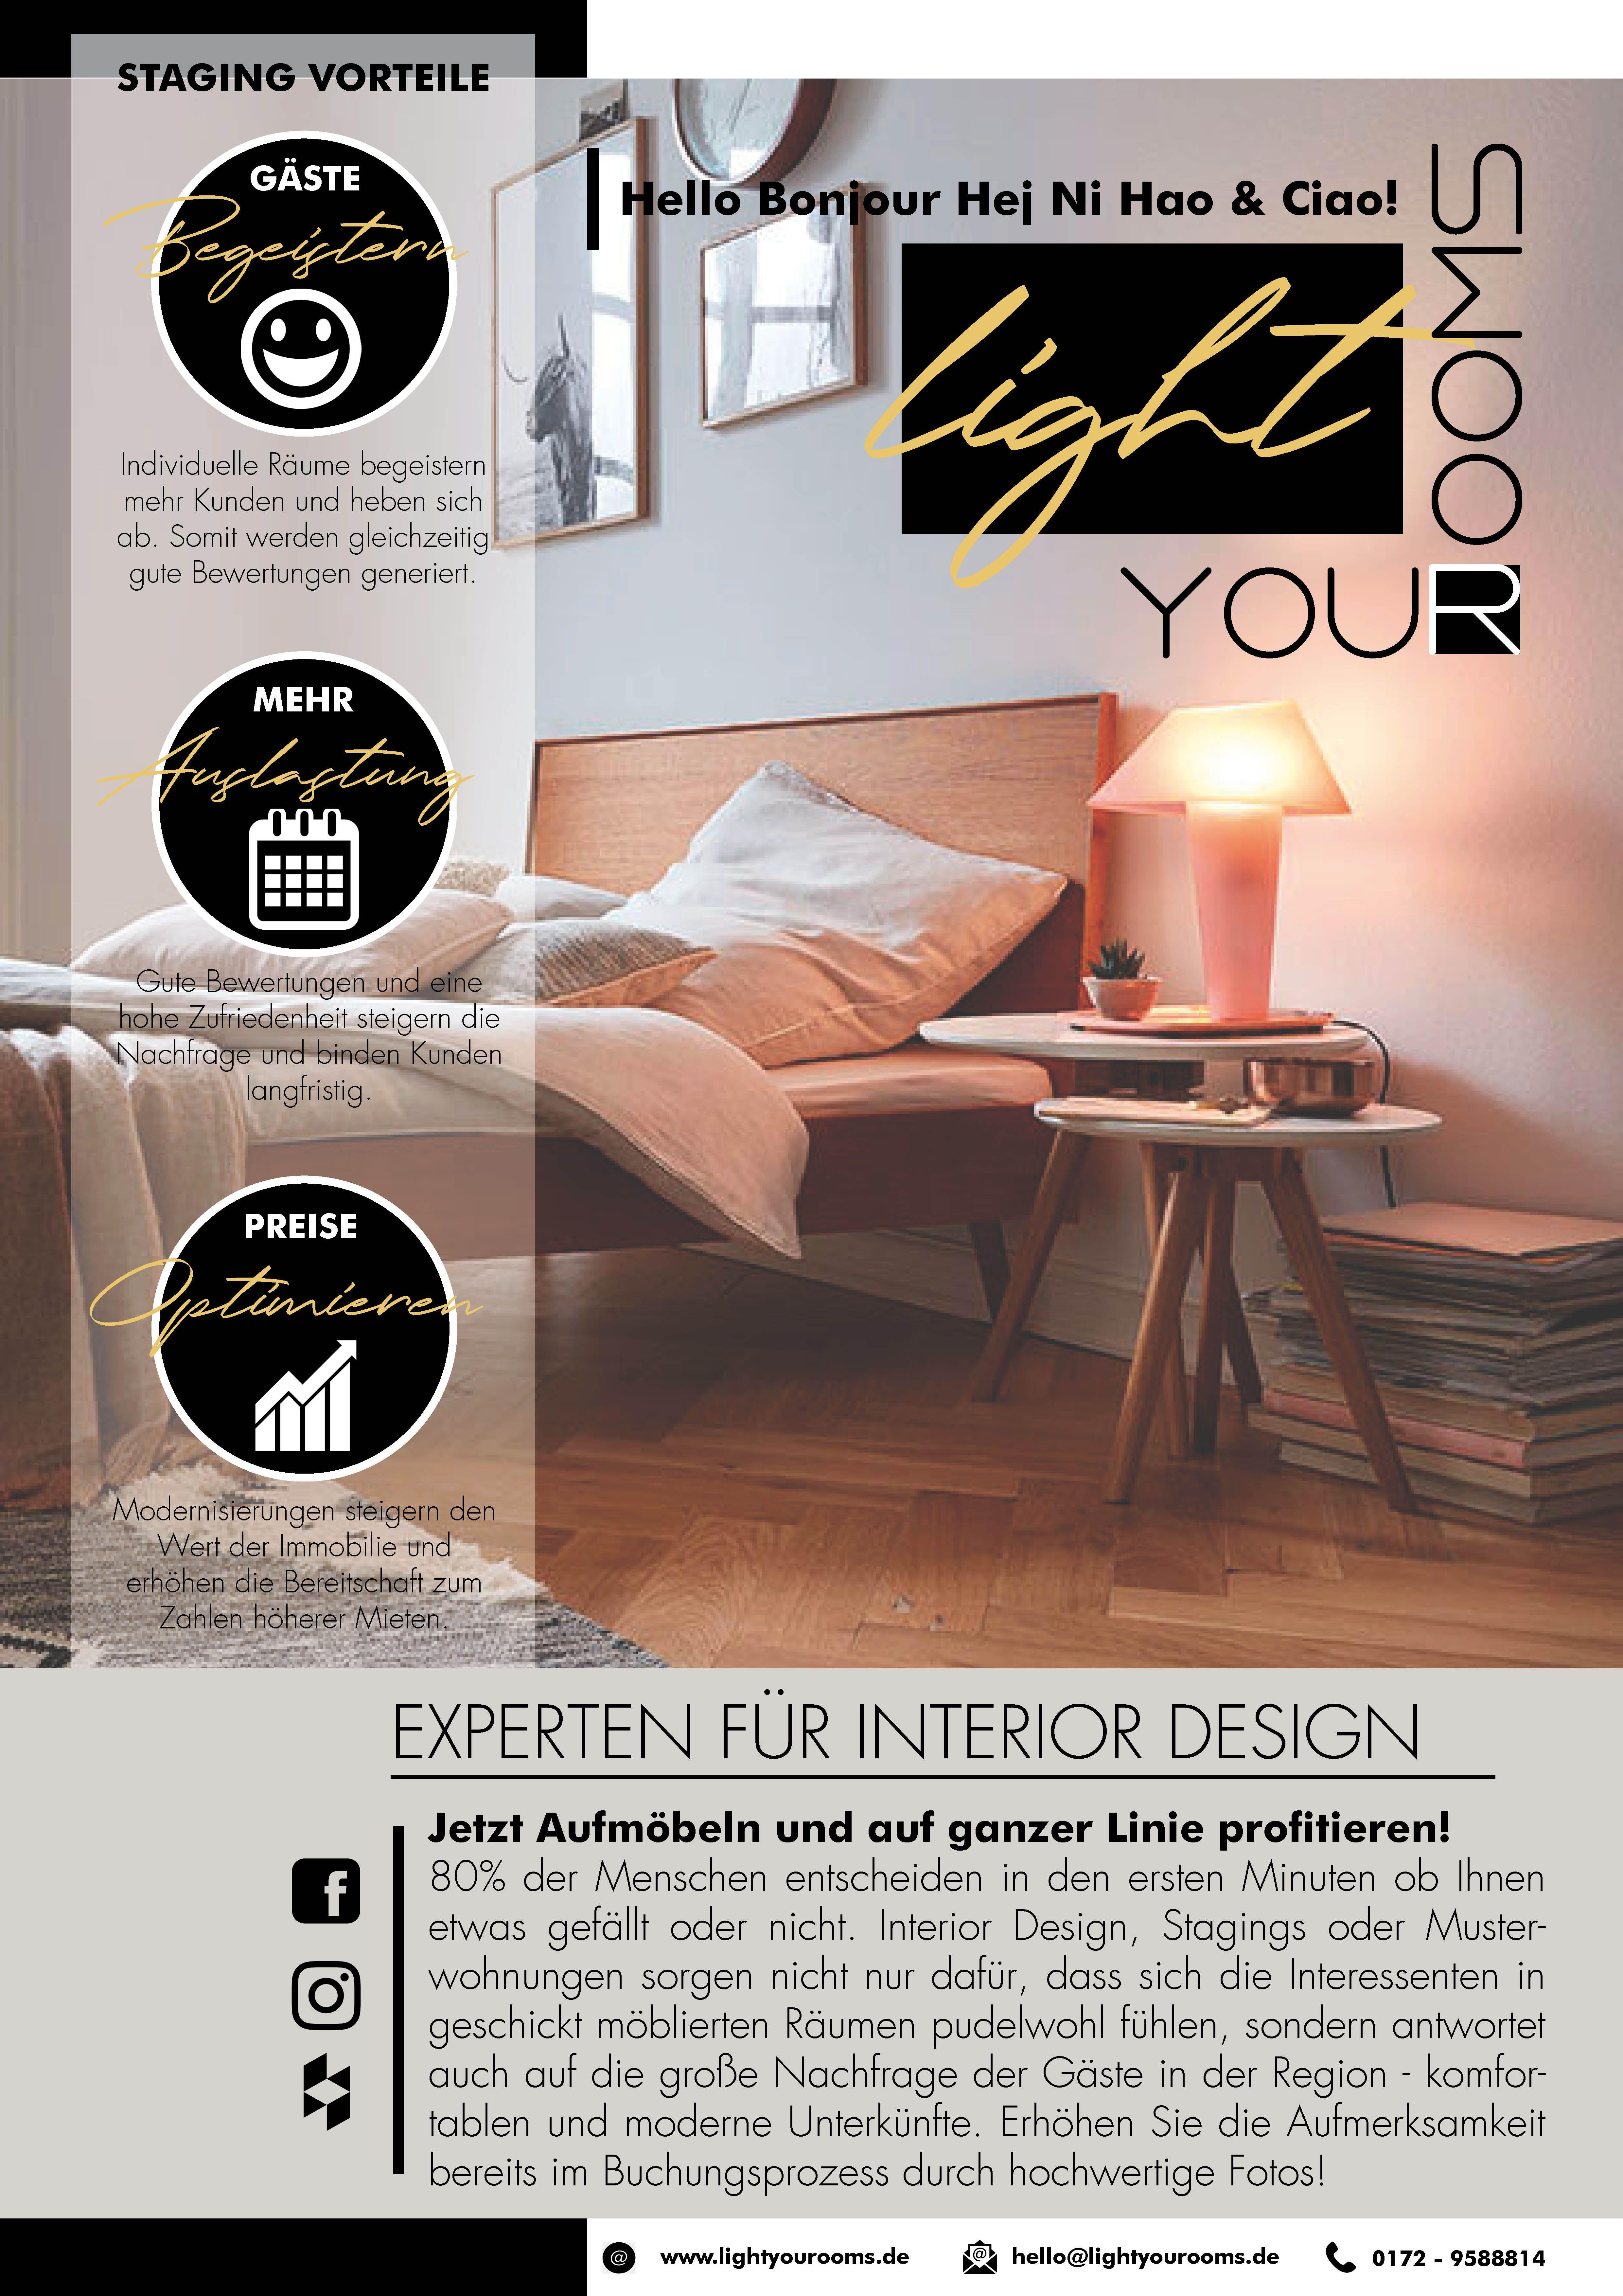 Home Staging By Lightyourooms Der Erste Eindruck Zahlt Renovieren Innenarchitektur